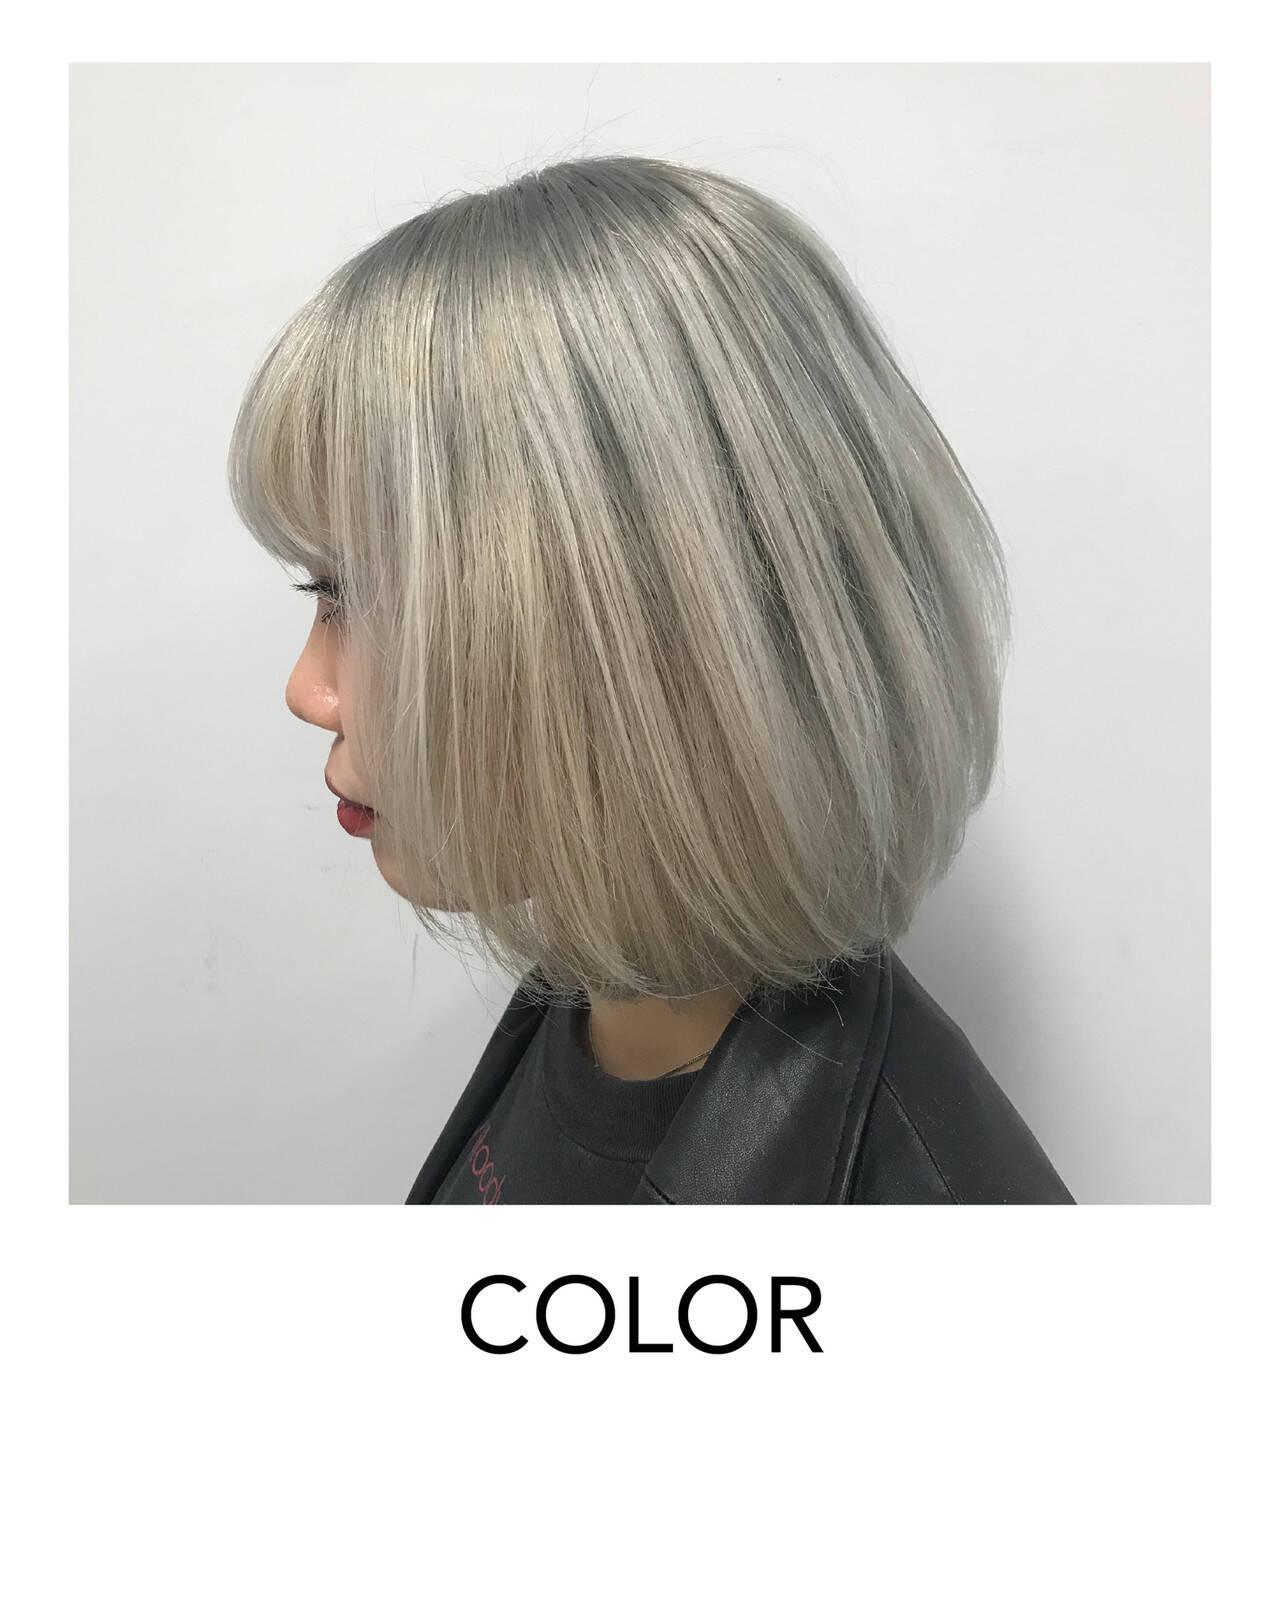 ブリーチオンカラー 原宿 ストリート イメチェンヘアスタイルや髪型の写真・画像